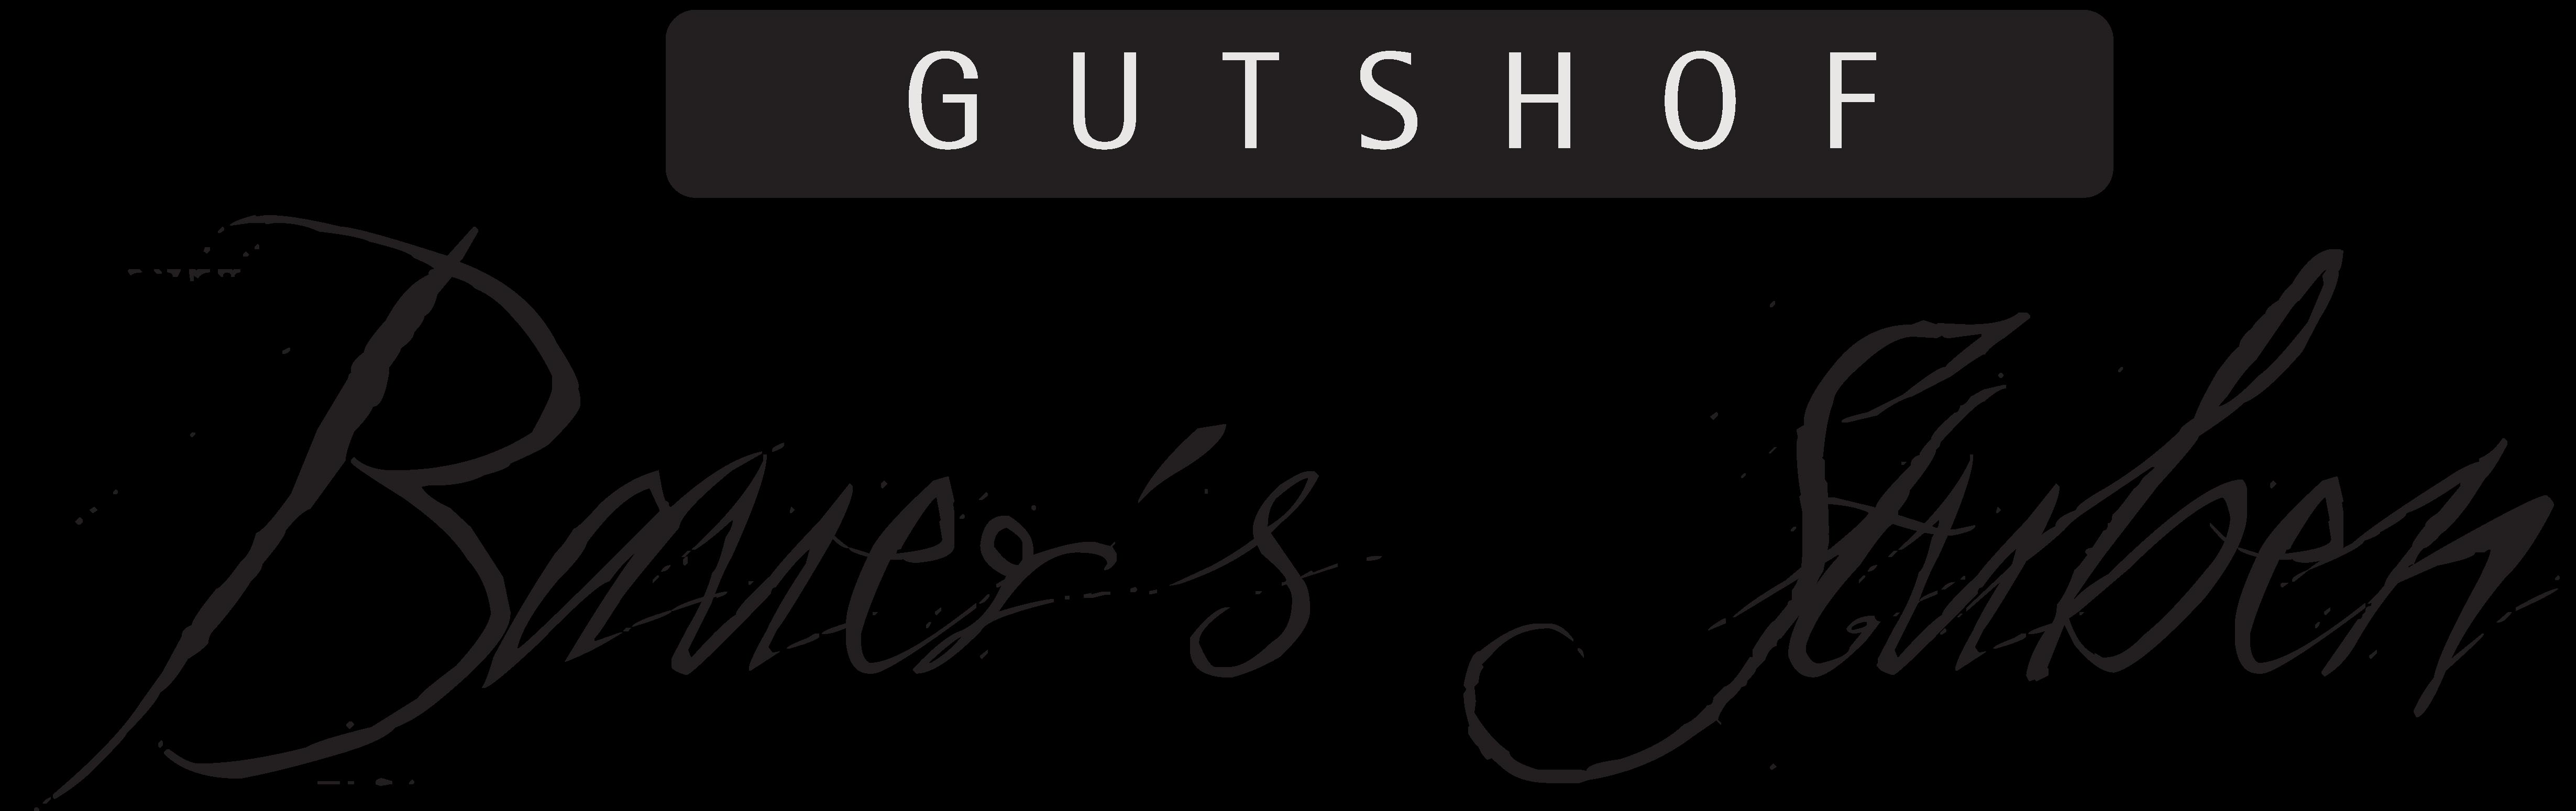 Gutshof Bauer's Stuben